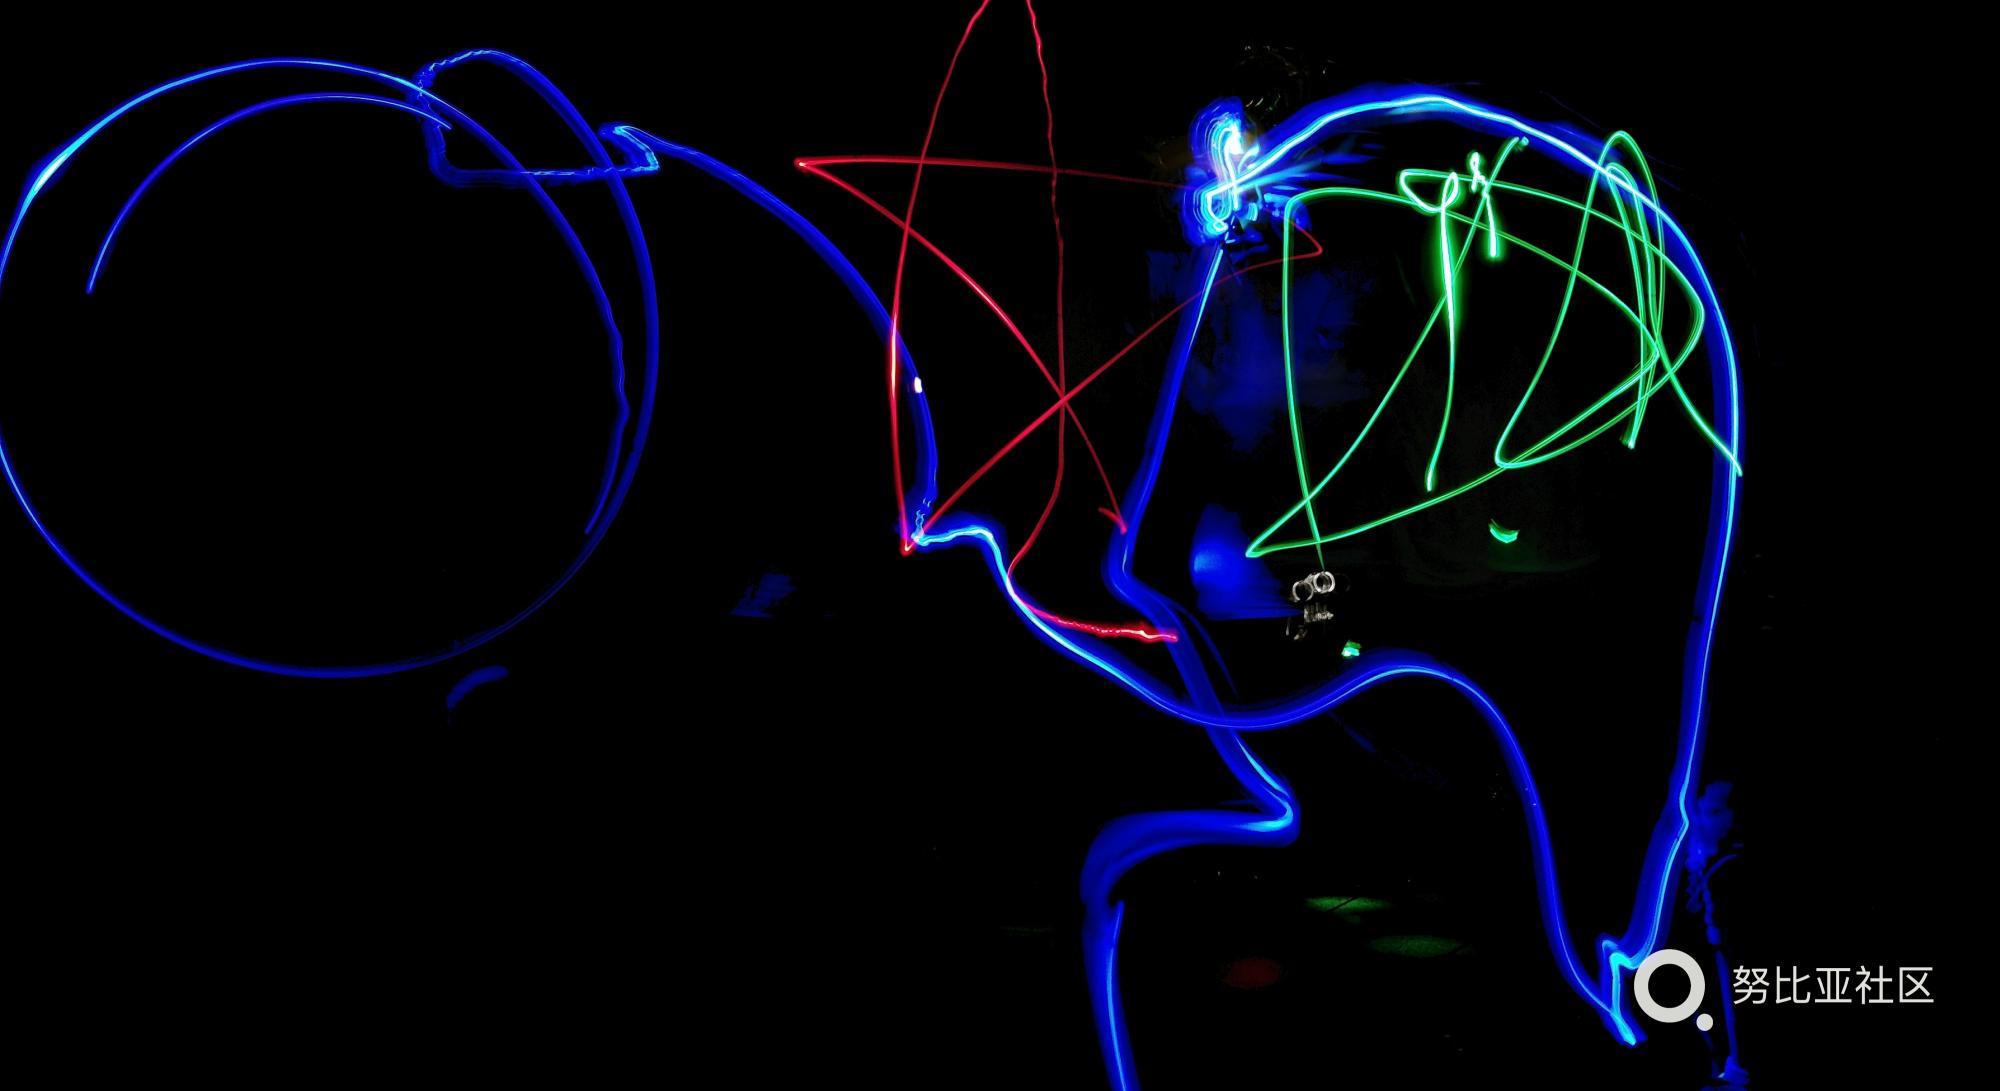 小学生拍的?这是真的,红魔手机光绘创意拍照图片